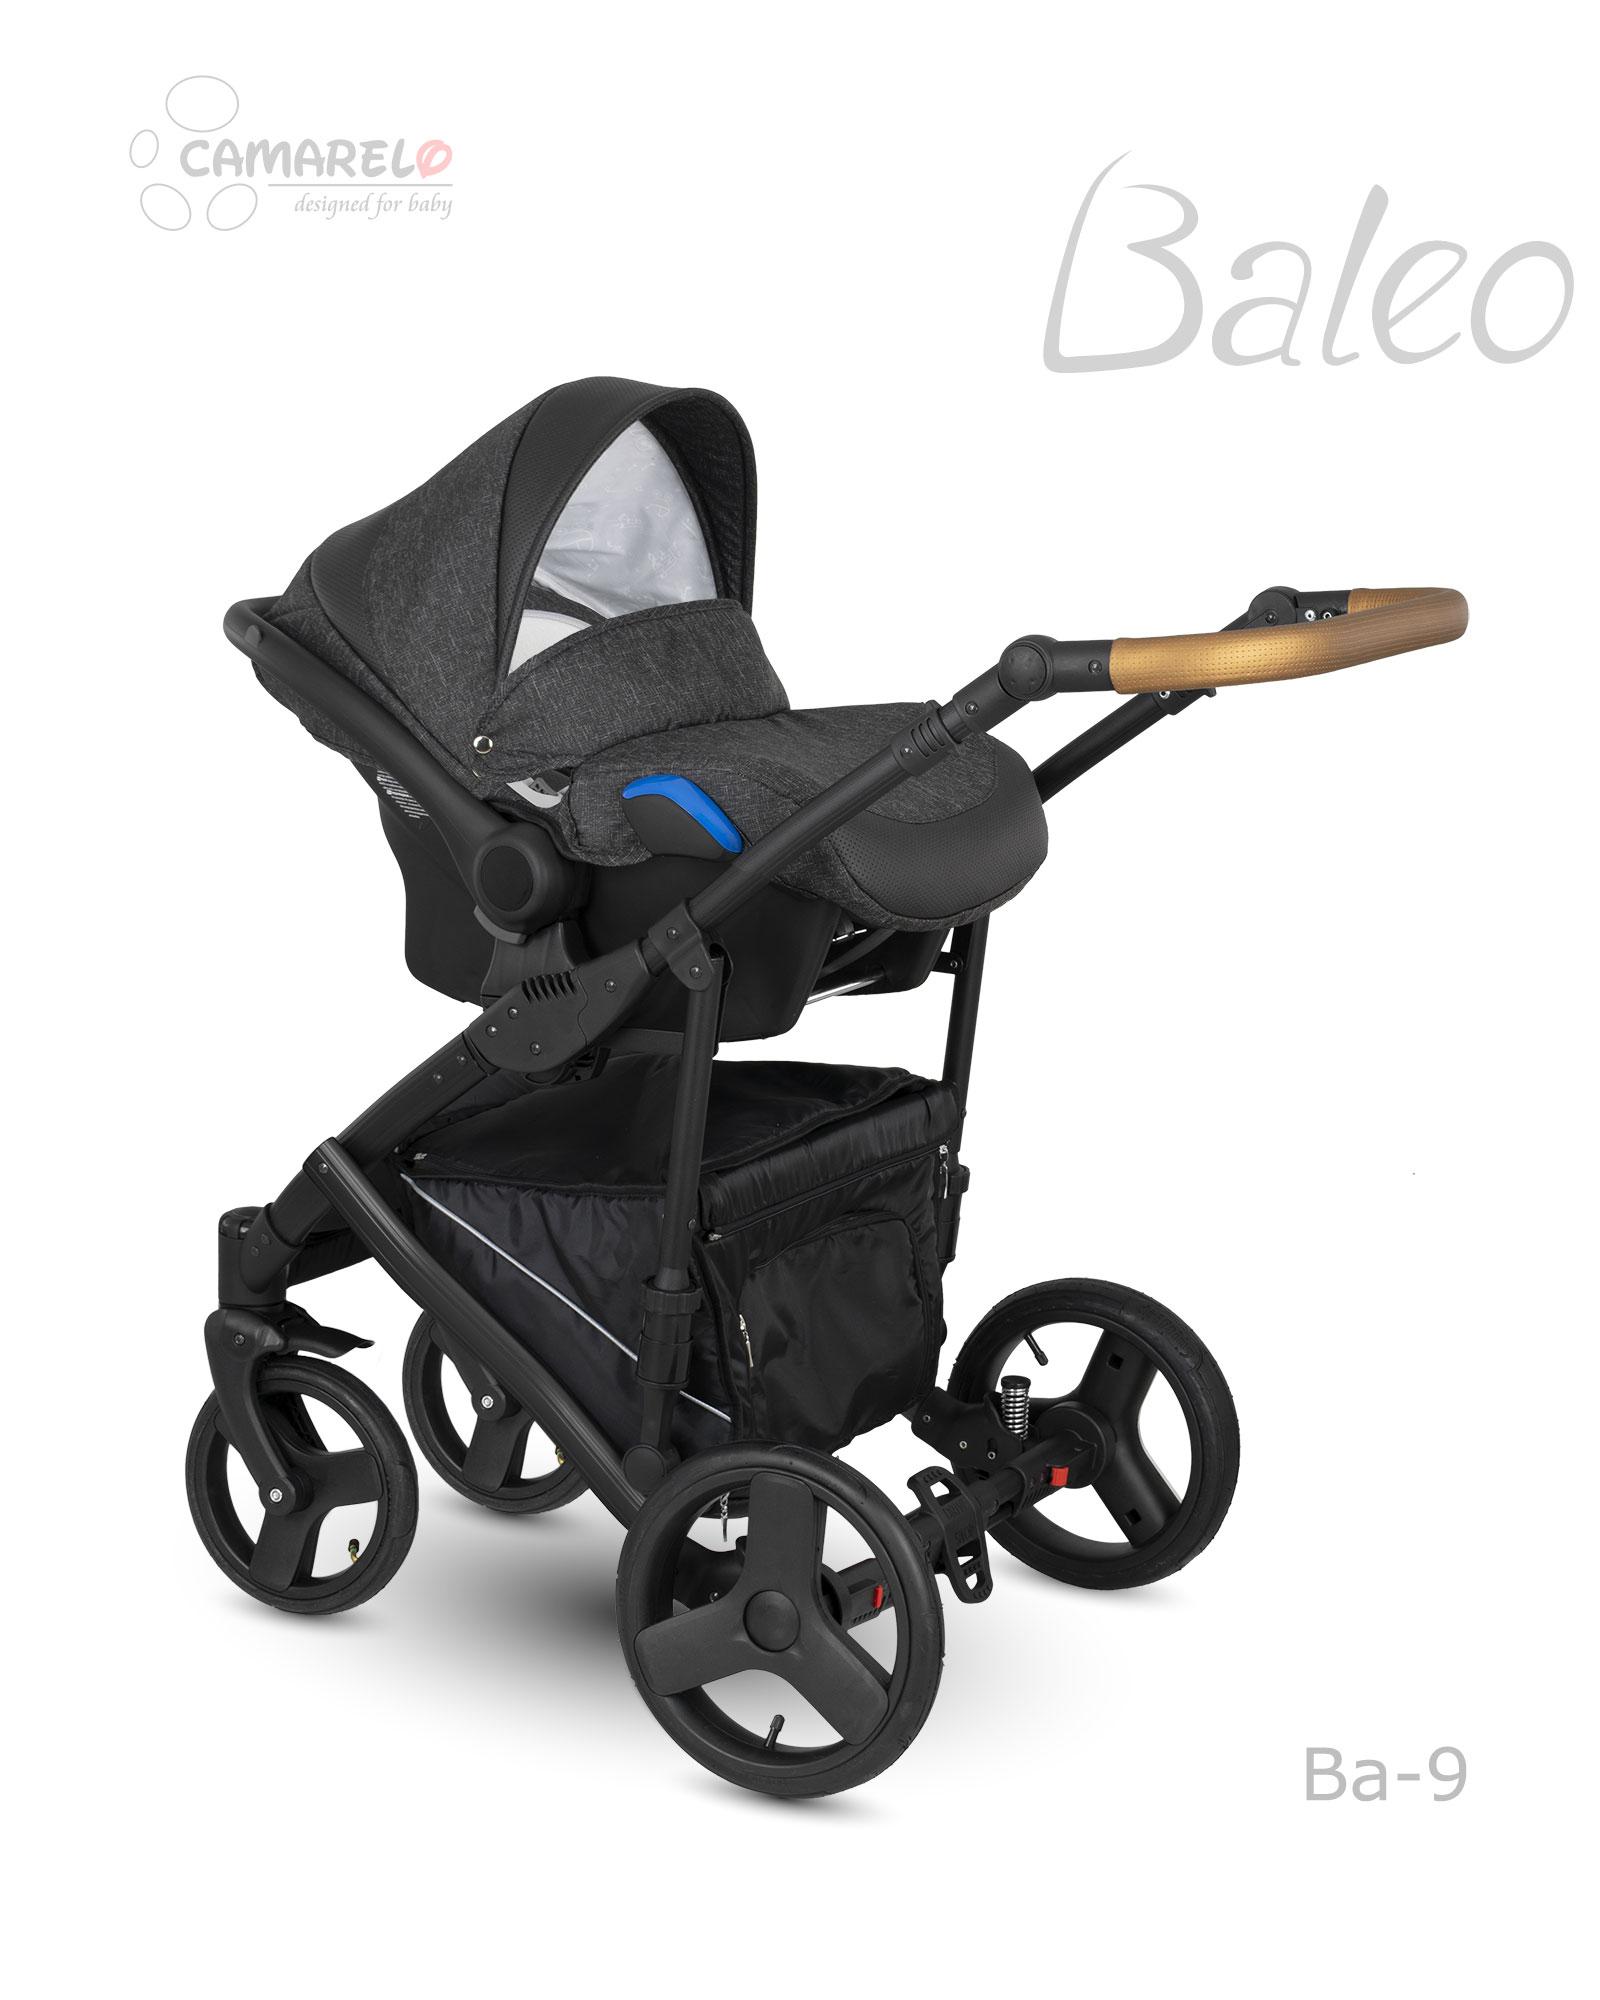 Baleo-Ba09d